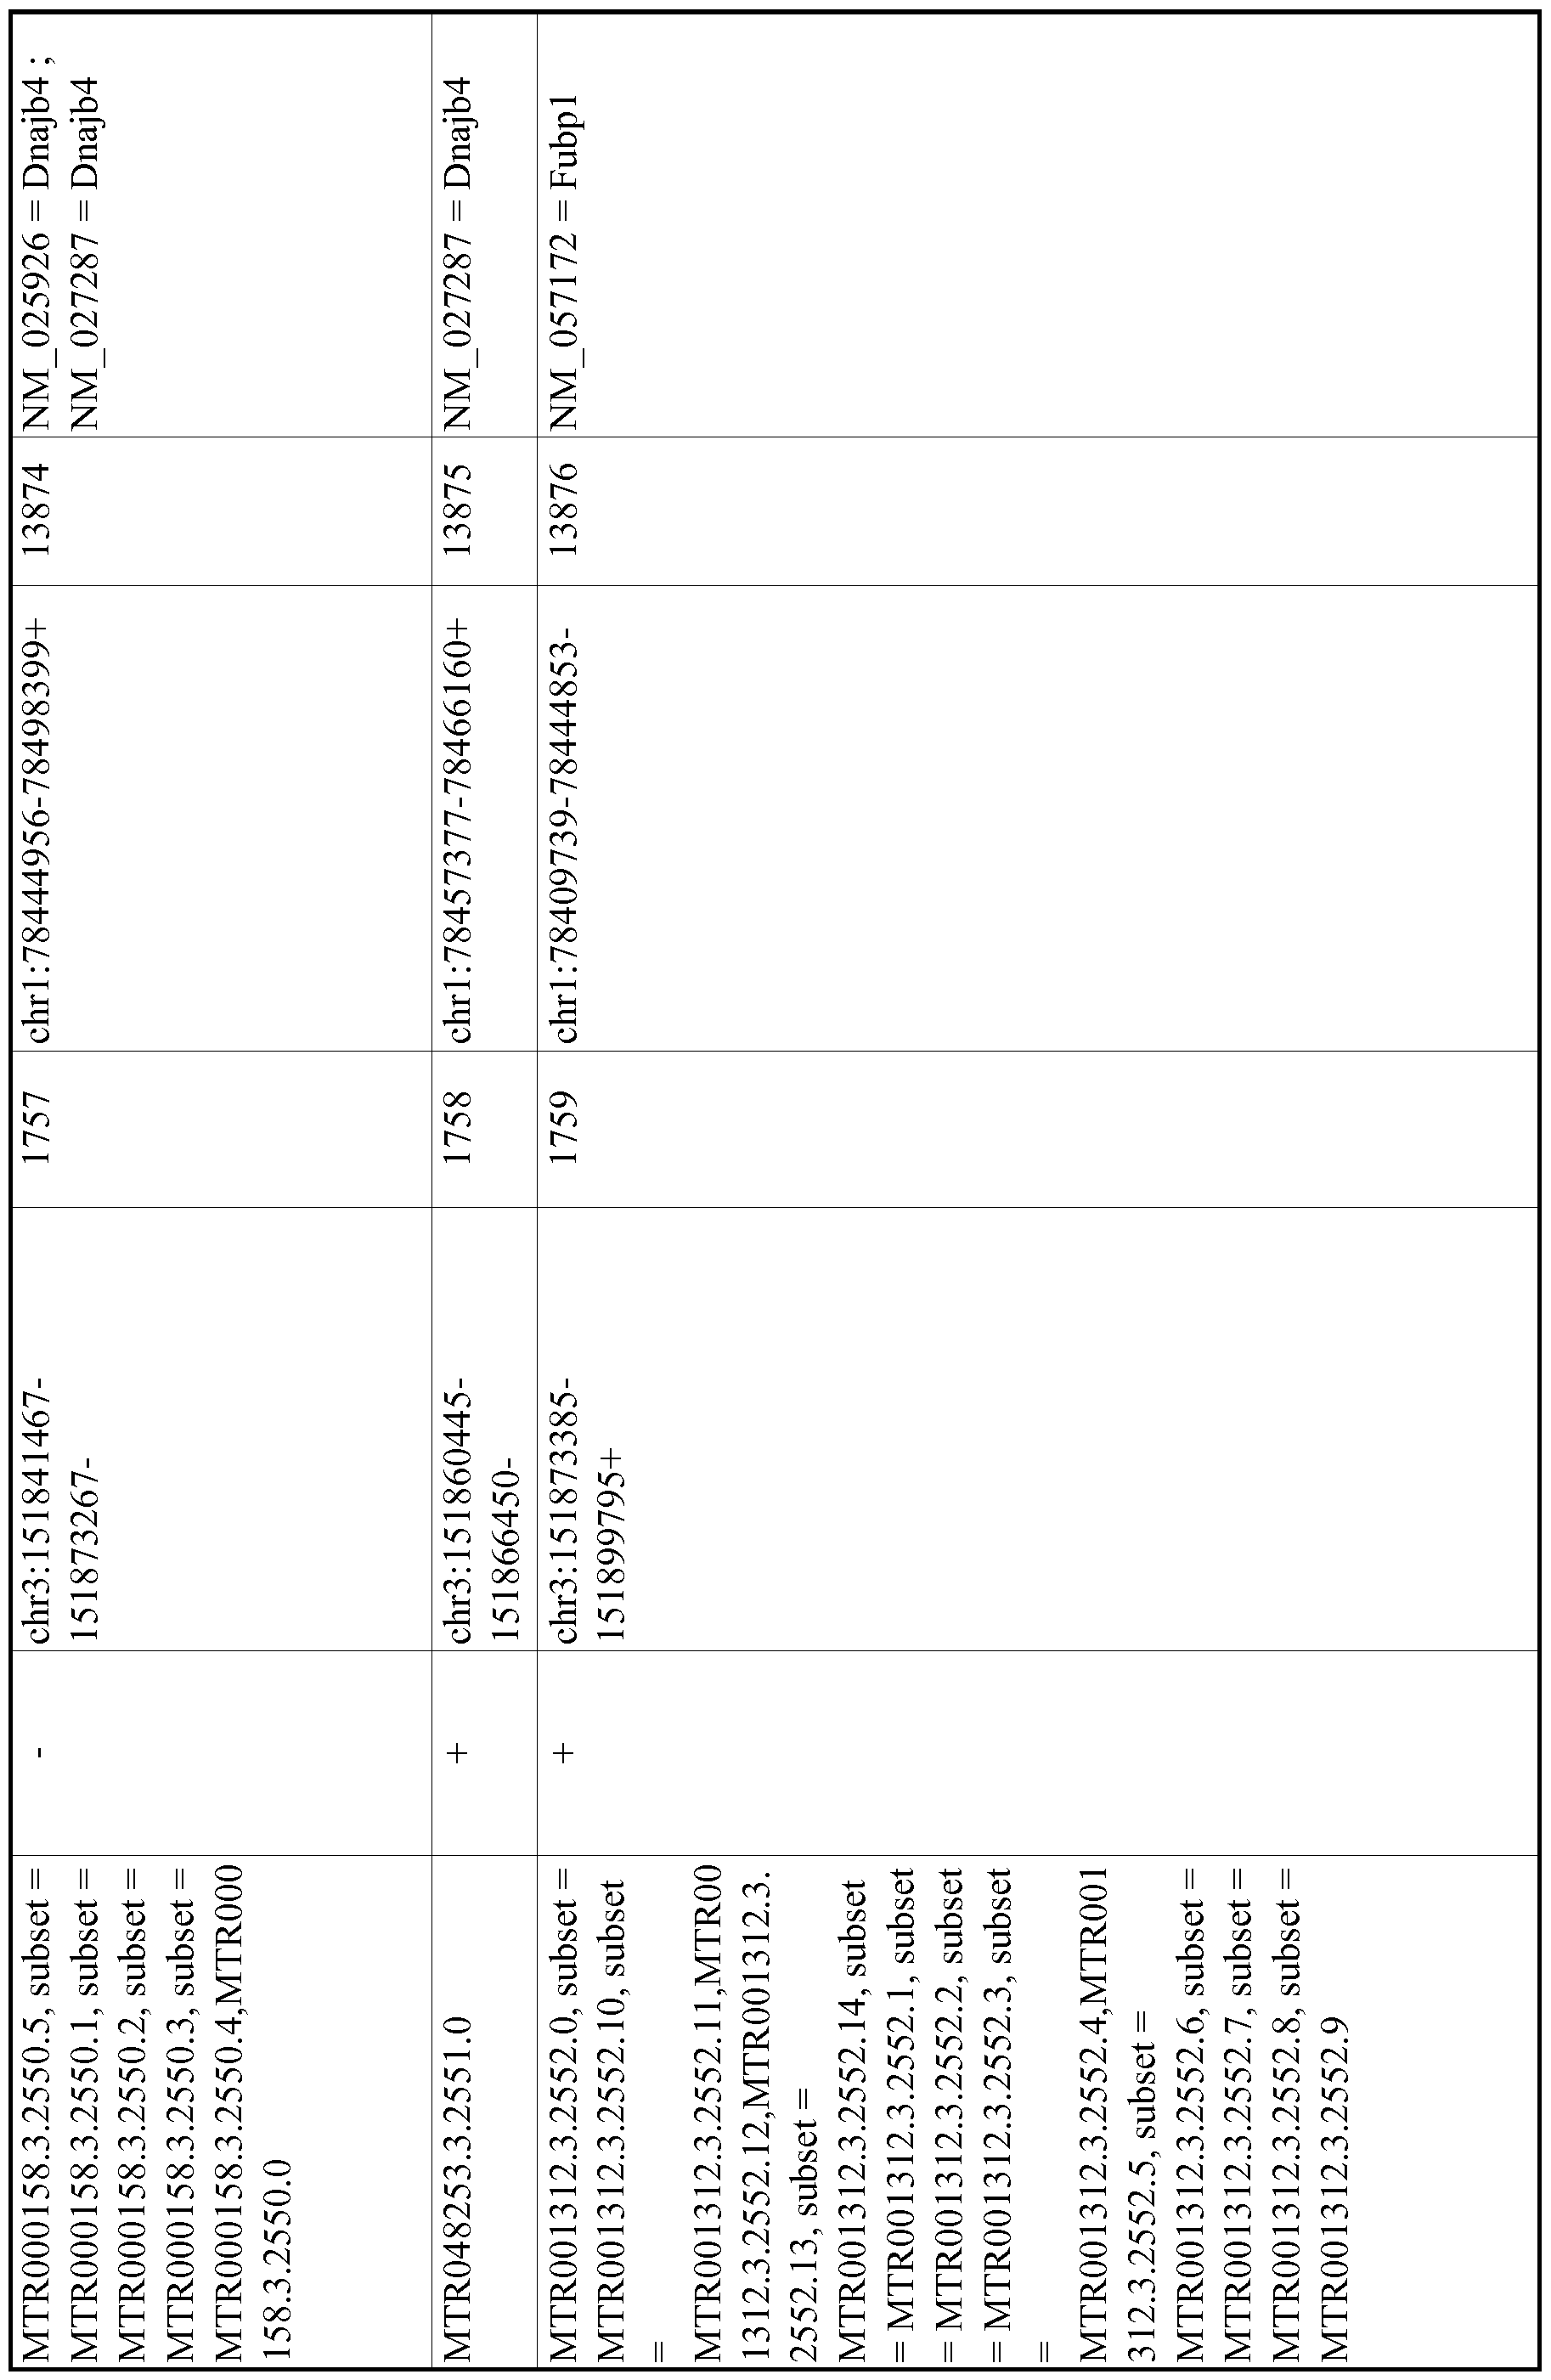 Figure imgf000432_0001